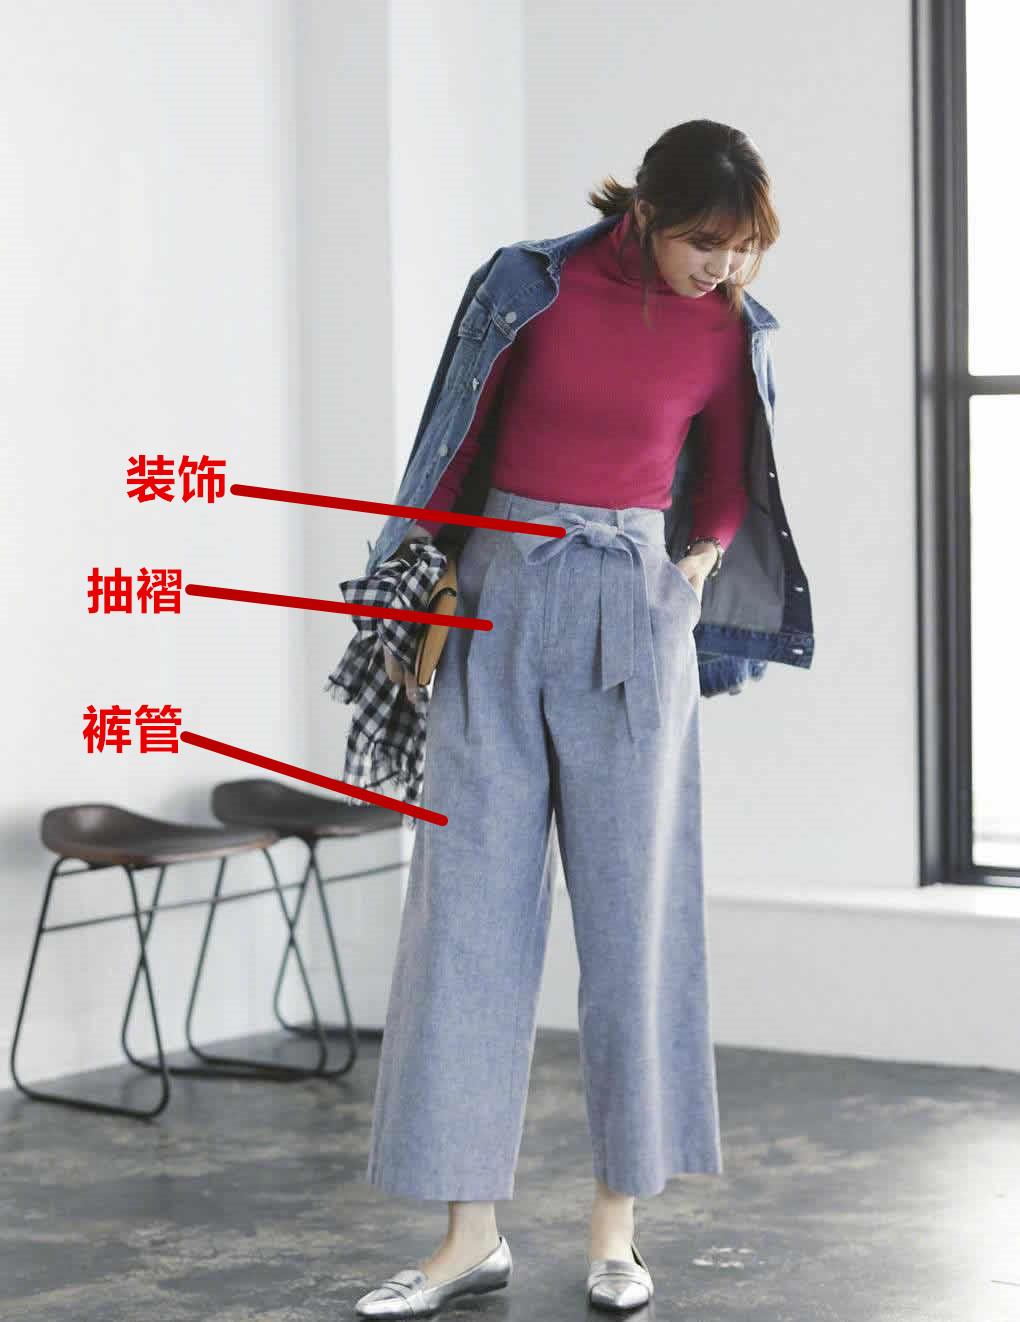 女人过了60岁,少穿露腿装,阔腿裤+平底鞋,才最好看